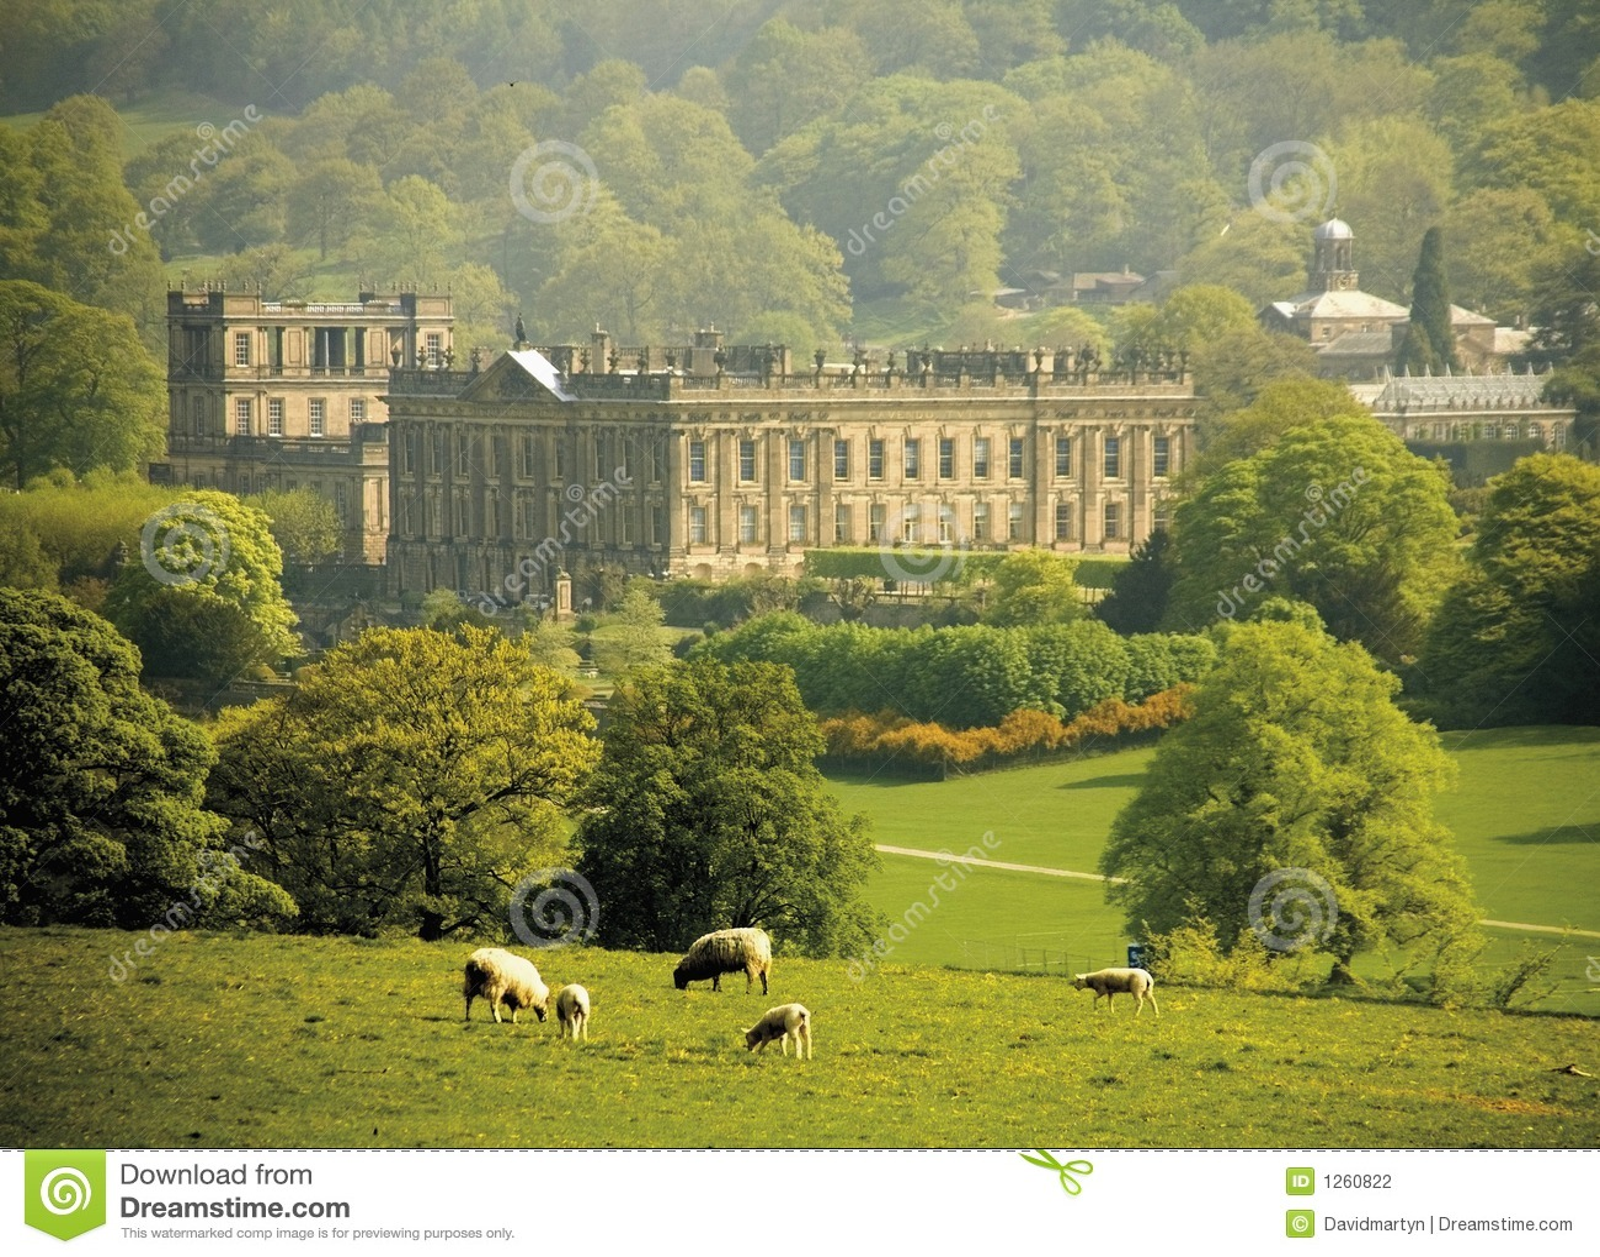 Maison De Chatsworth De L Angleterre Derbyshire